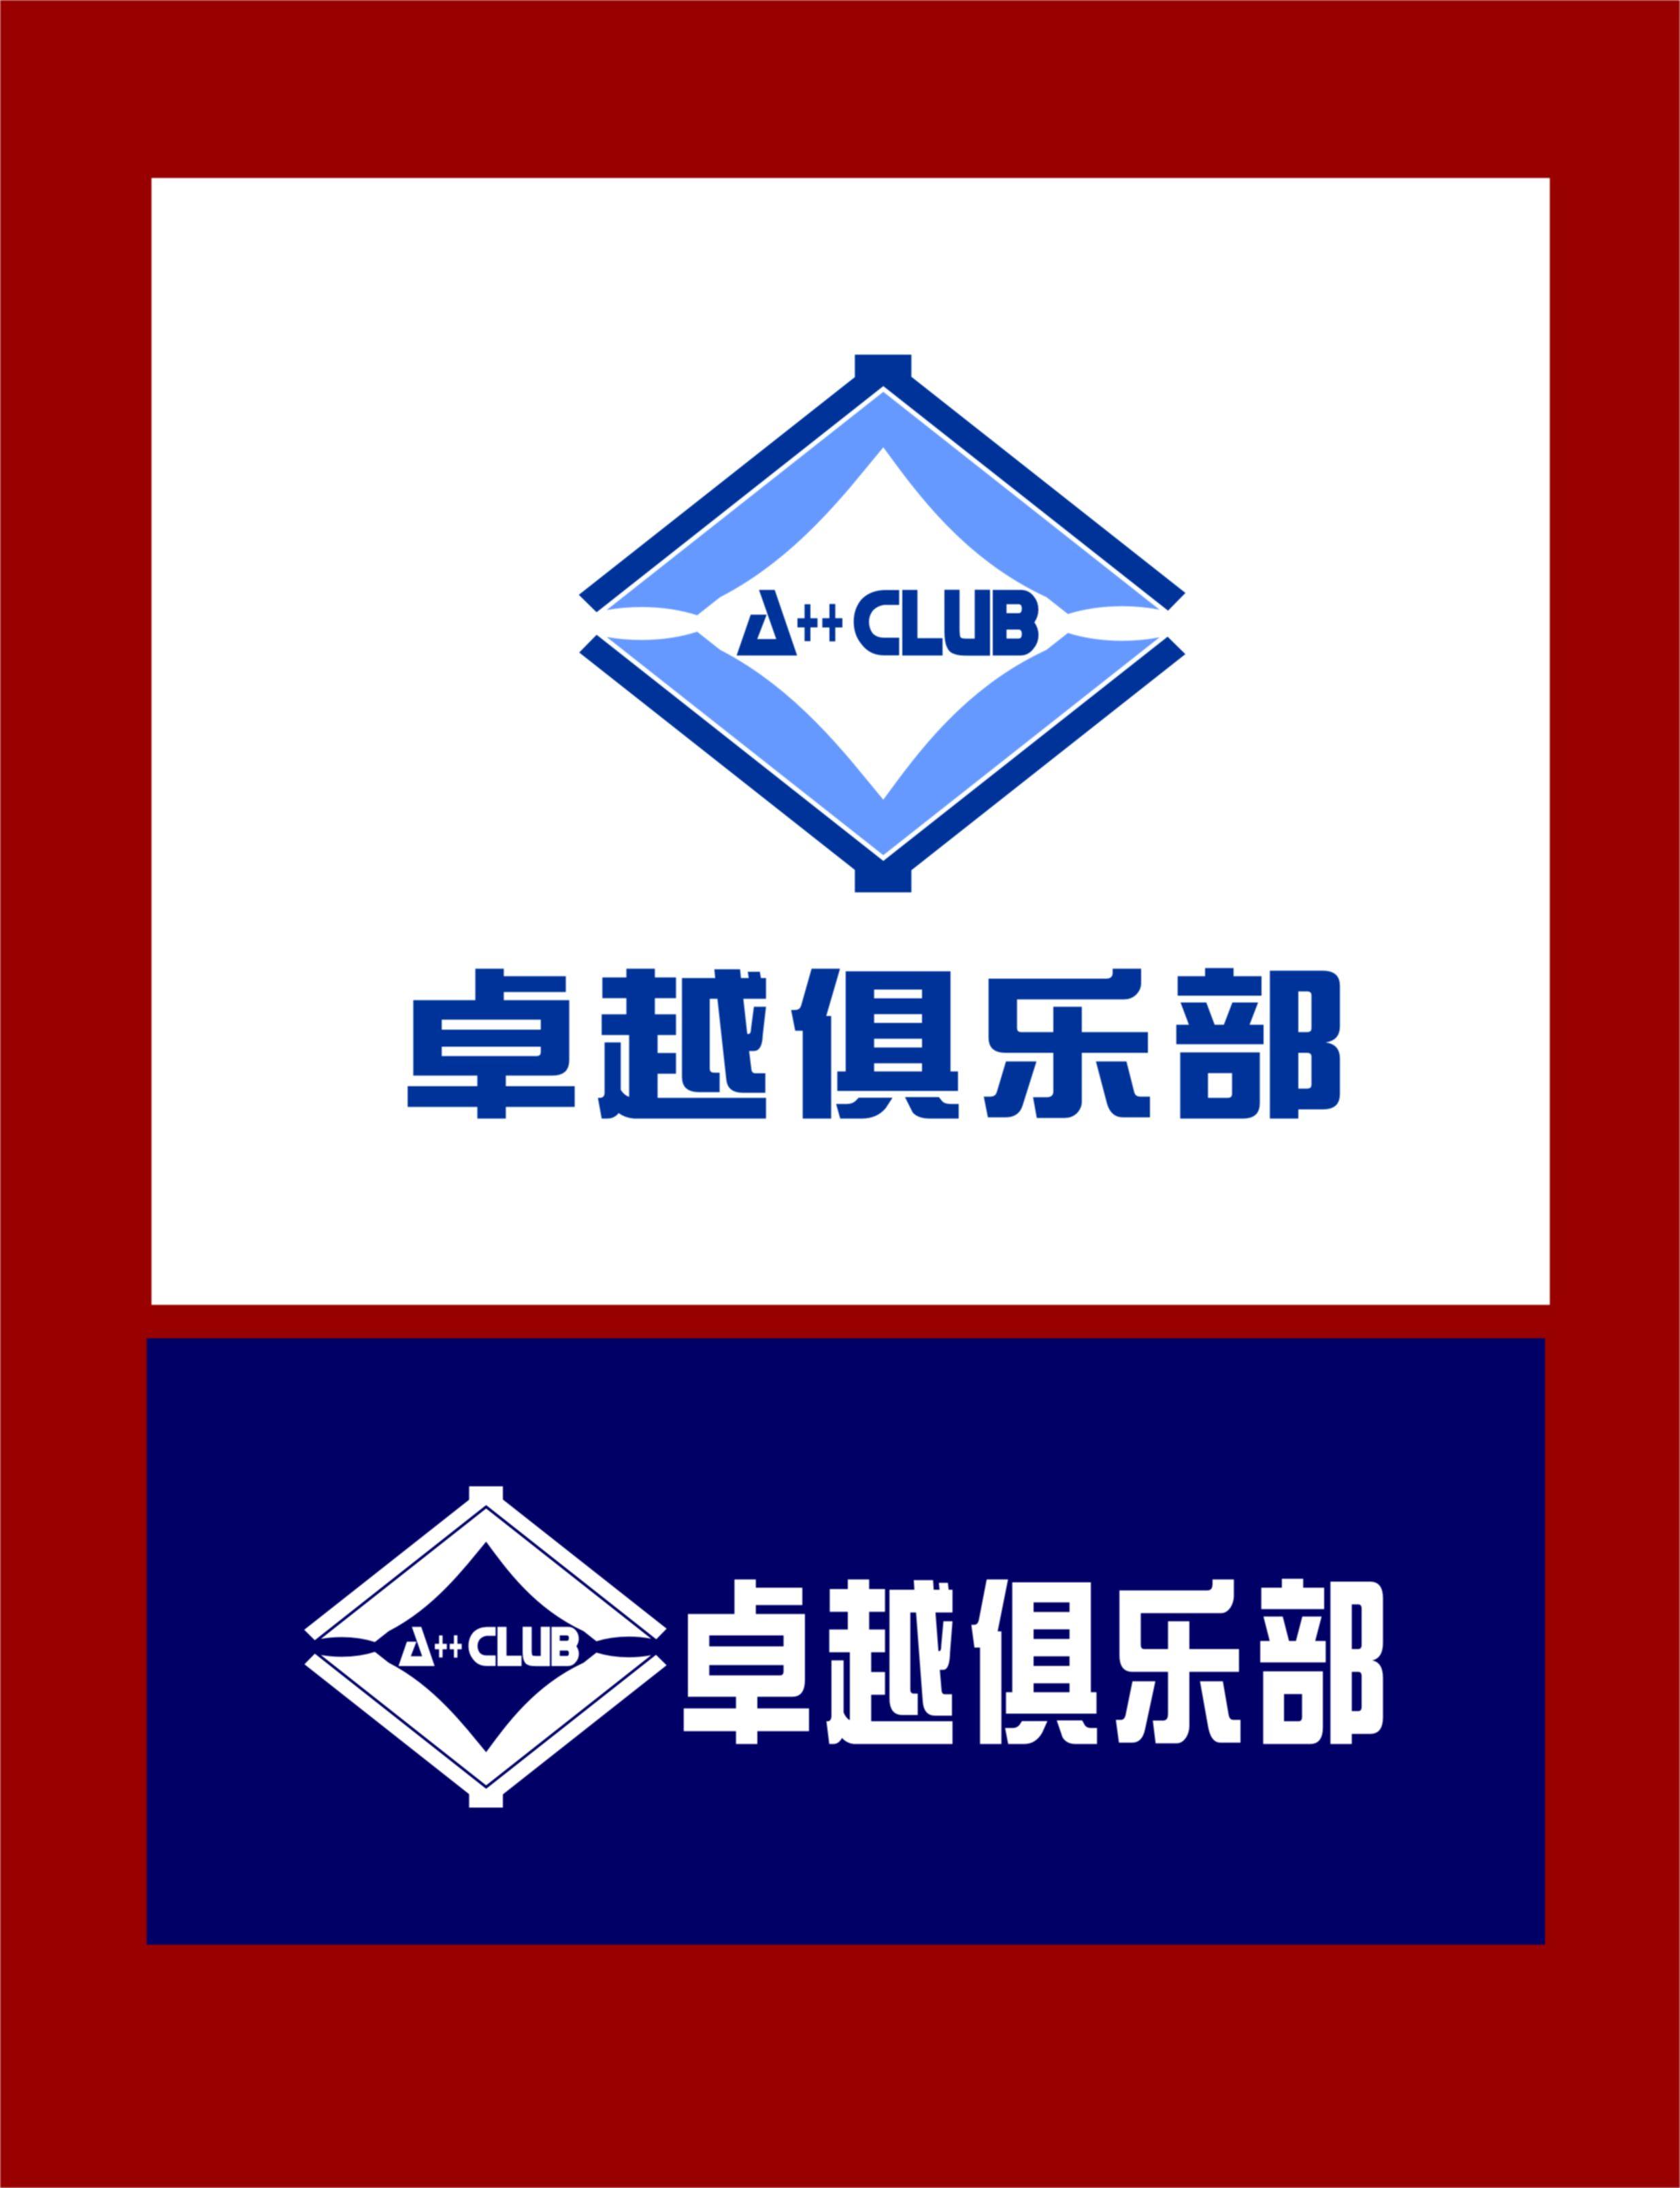 卓越俱乐部logo设计(投票,卫火等十人均分)